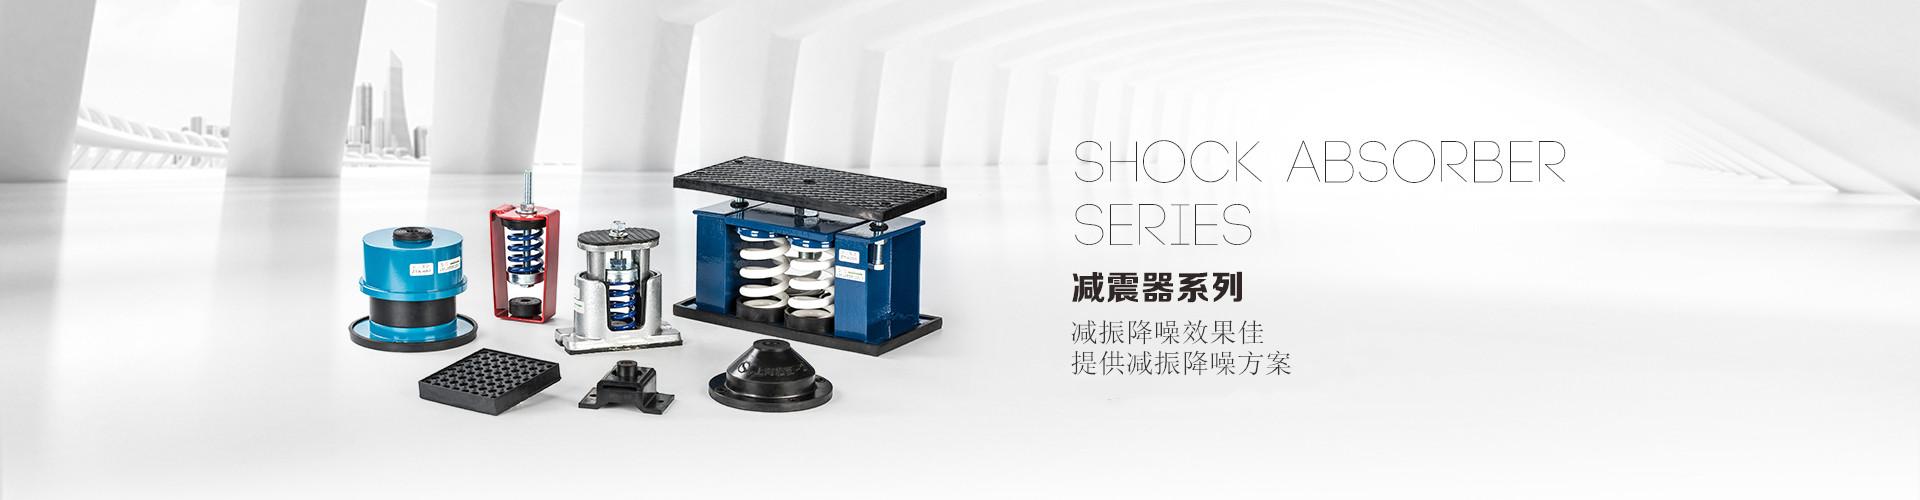 弹簧jian震器基本分类